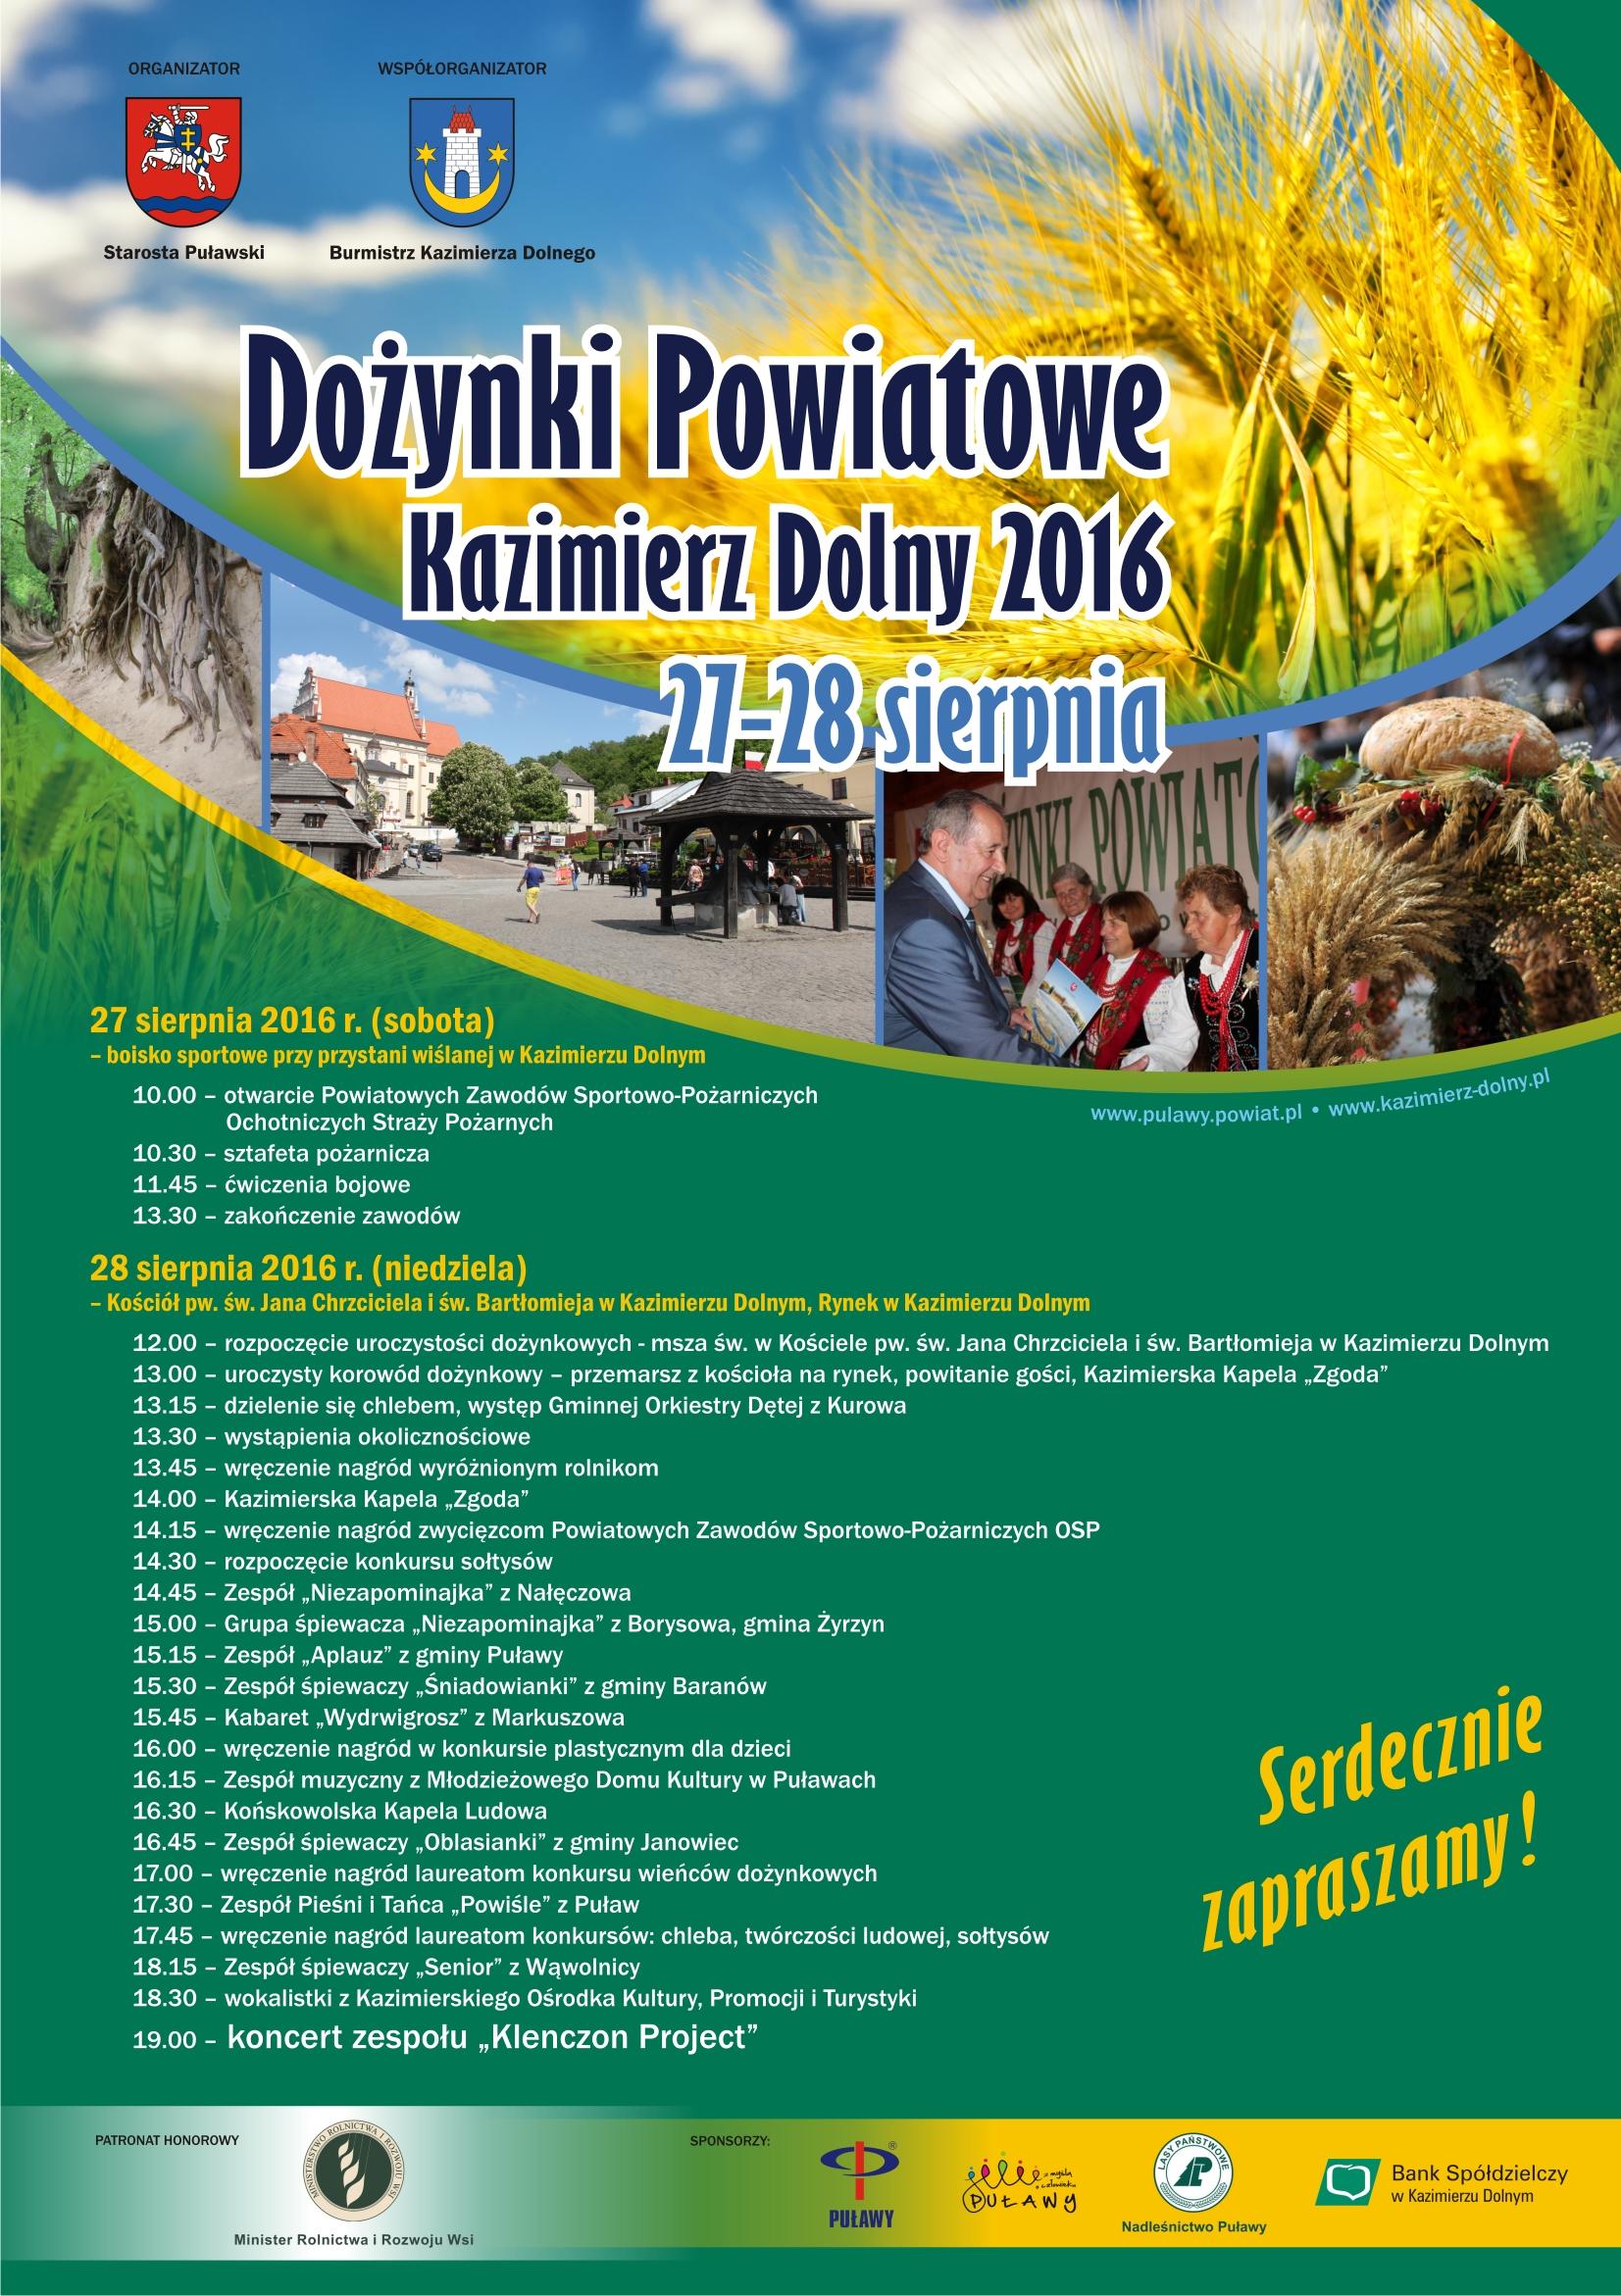 Zaproszenie na Dożynki Powiatowe Kazimierz Dolny 2016